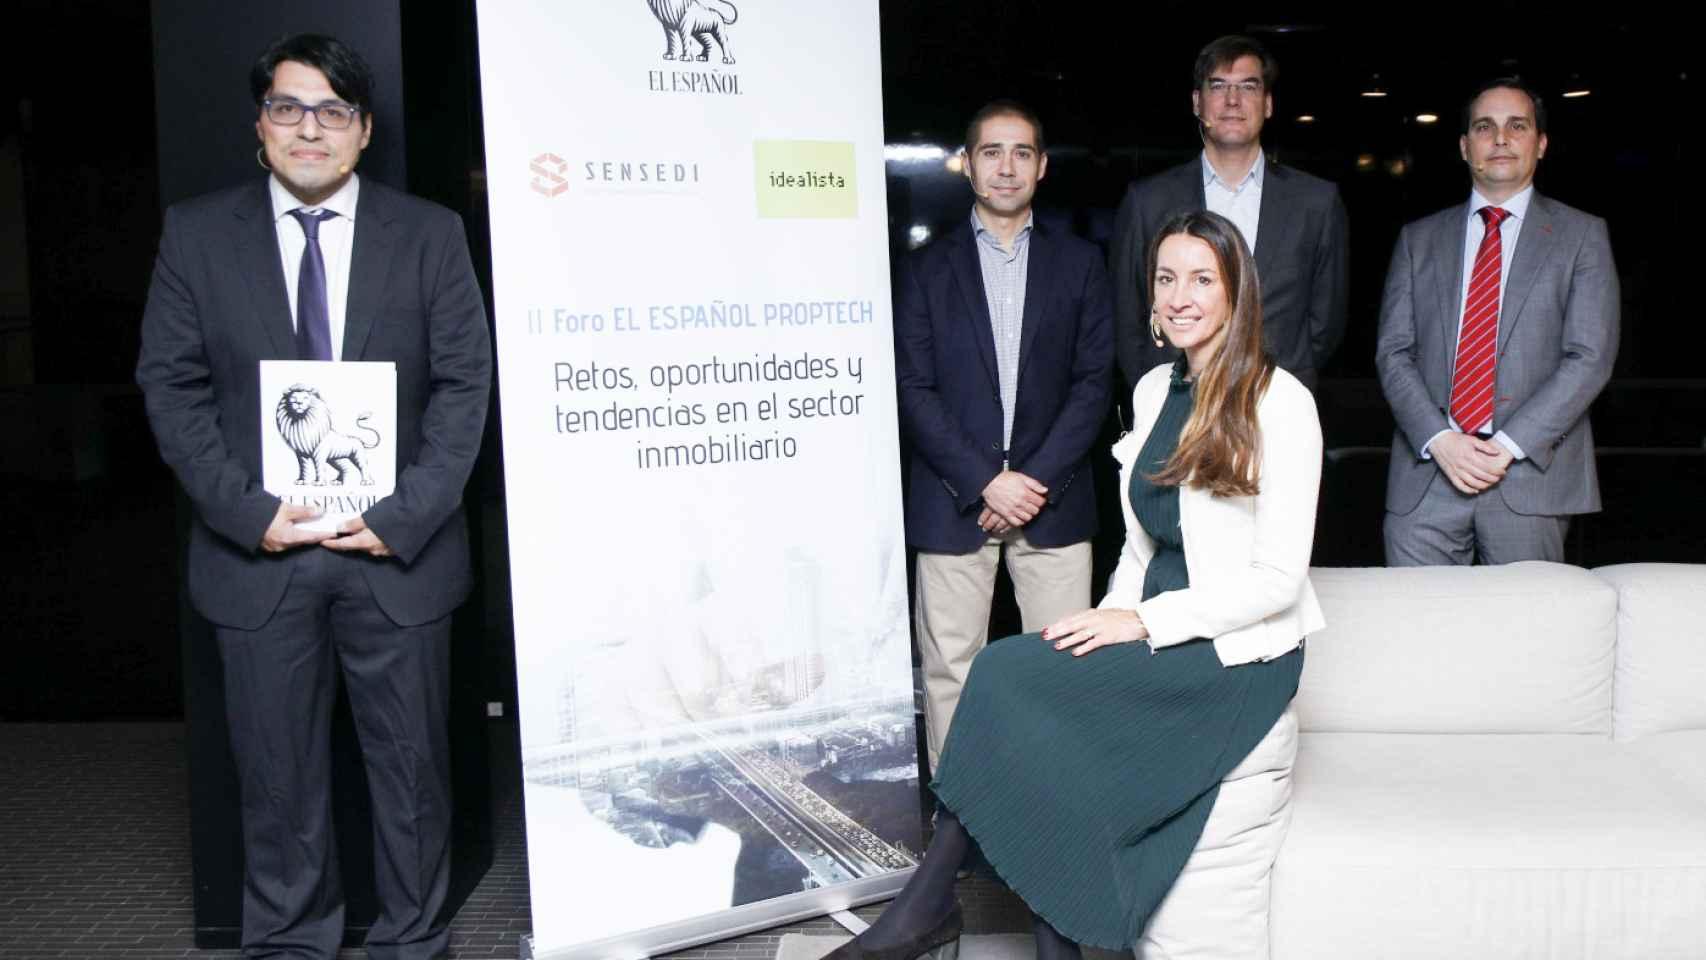 II Foro Proptech EL ESPAÑOL Retos, oportunidades y tendencias en el sector inmobiliario